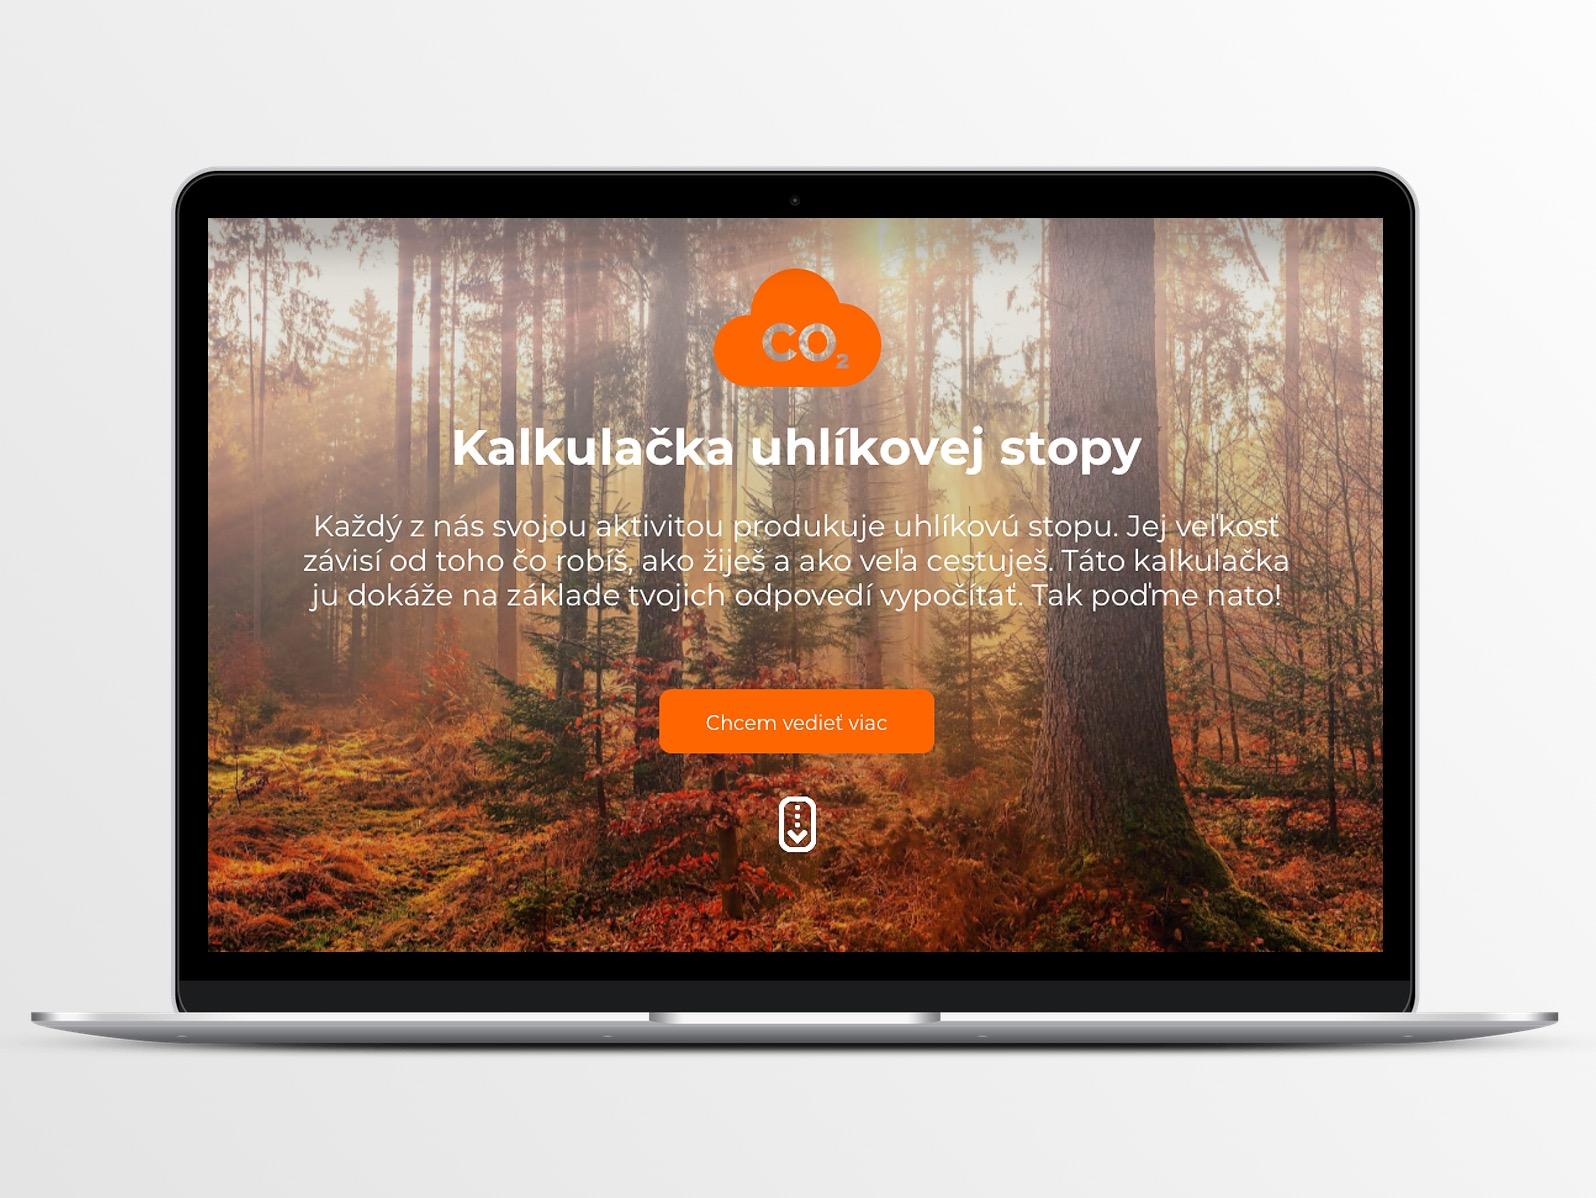 Slováci si môžu vypočítať ako veľmi znečisťujú ovzdušie, ministerstvo spustilo kalkulačku